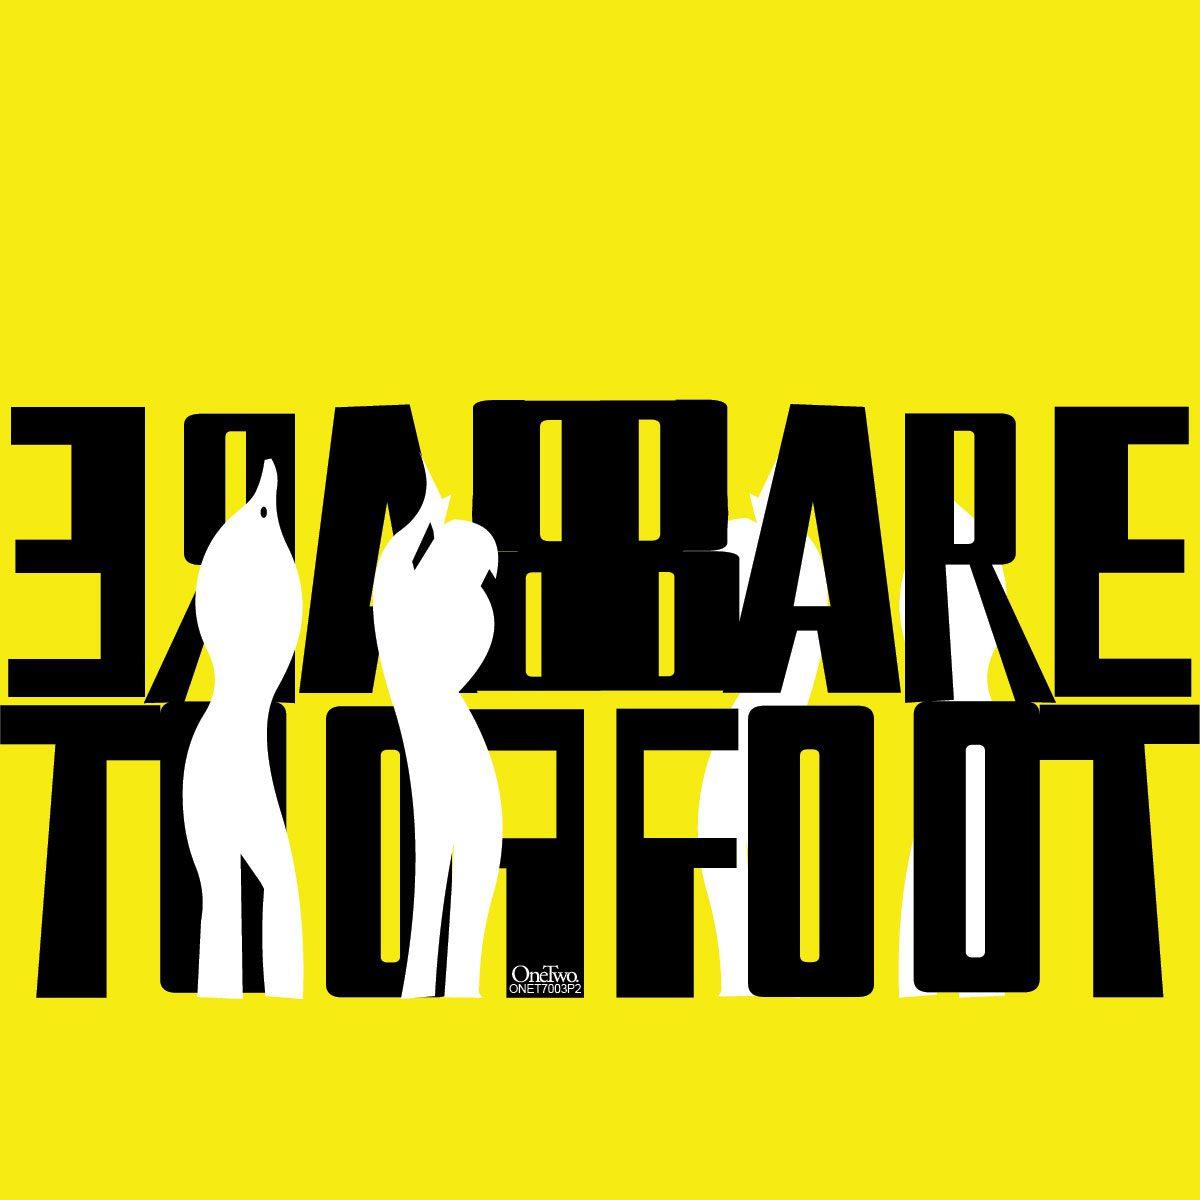 Barefoot CD